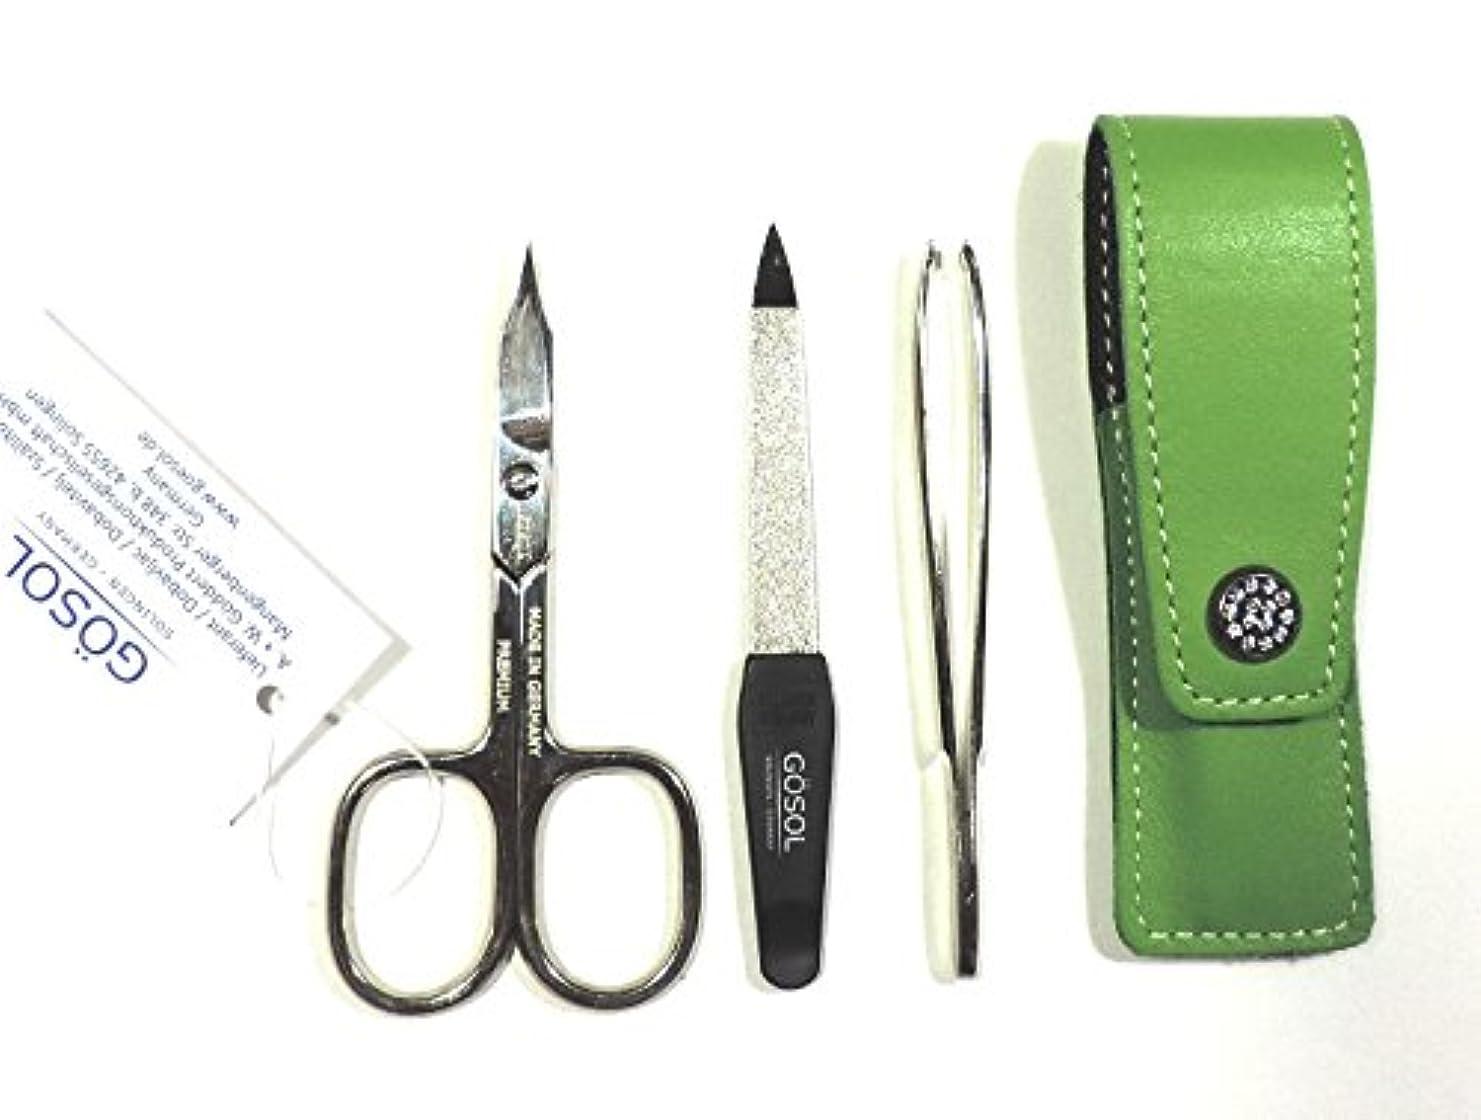 ゾーリンゲン ゲーゾルGOSOL(独)3Pセット (爪切りハサミ 毛抜き 爪やすり)本牛皮ケース入(緑)